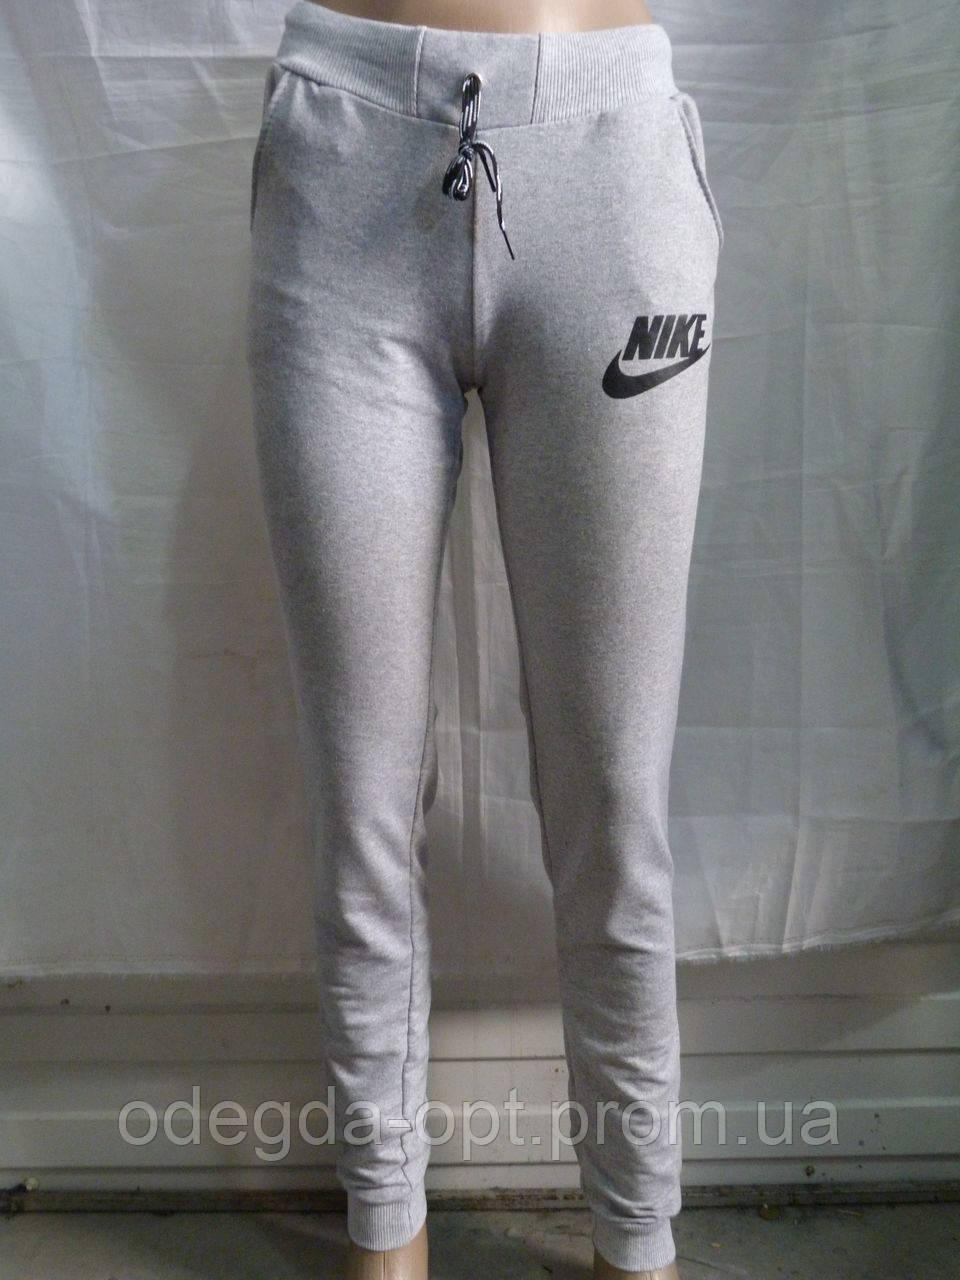 c5891cae Женские спортивные штаны трикотажные NIKE 40-48 купить в Одессе оптом  дешево модные качественные -